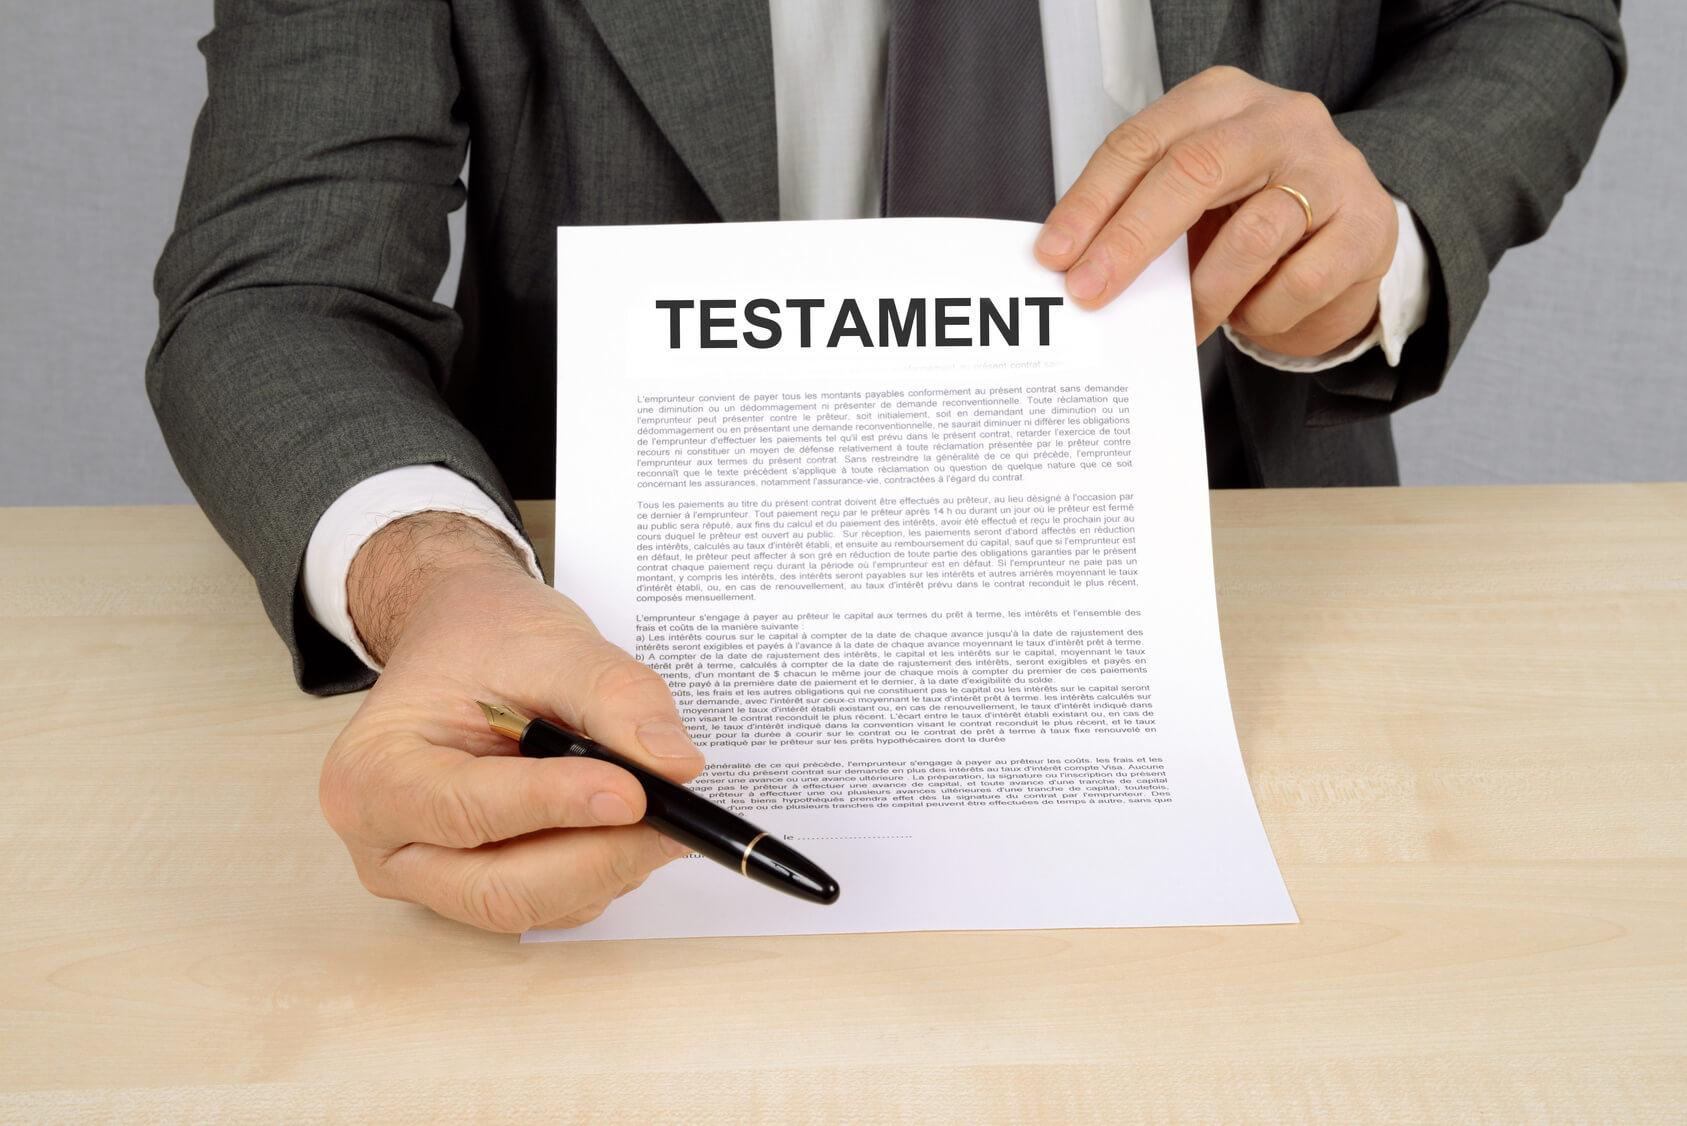 Testament - Vorlage, Muster & Vordruck kostenlos downloaden